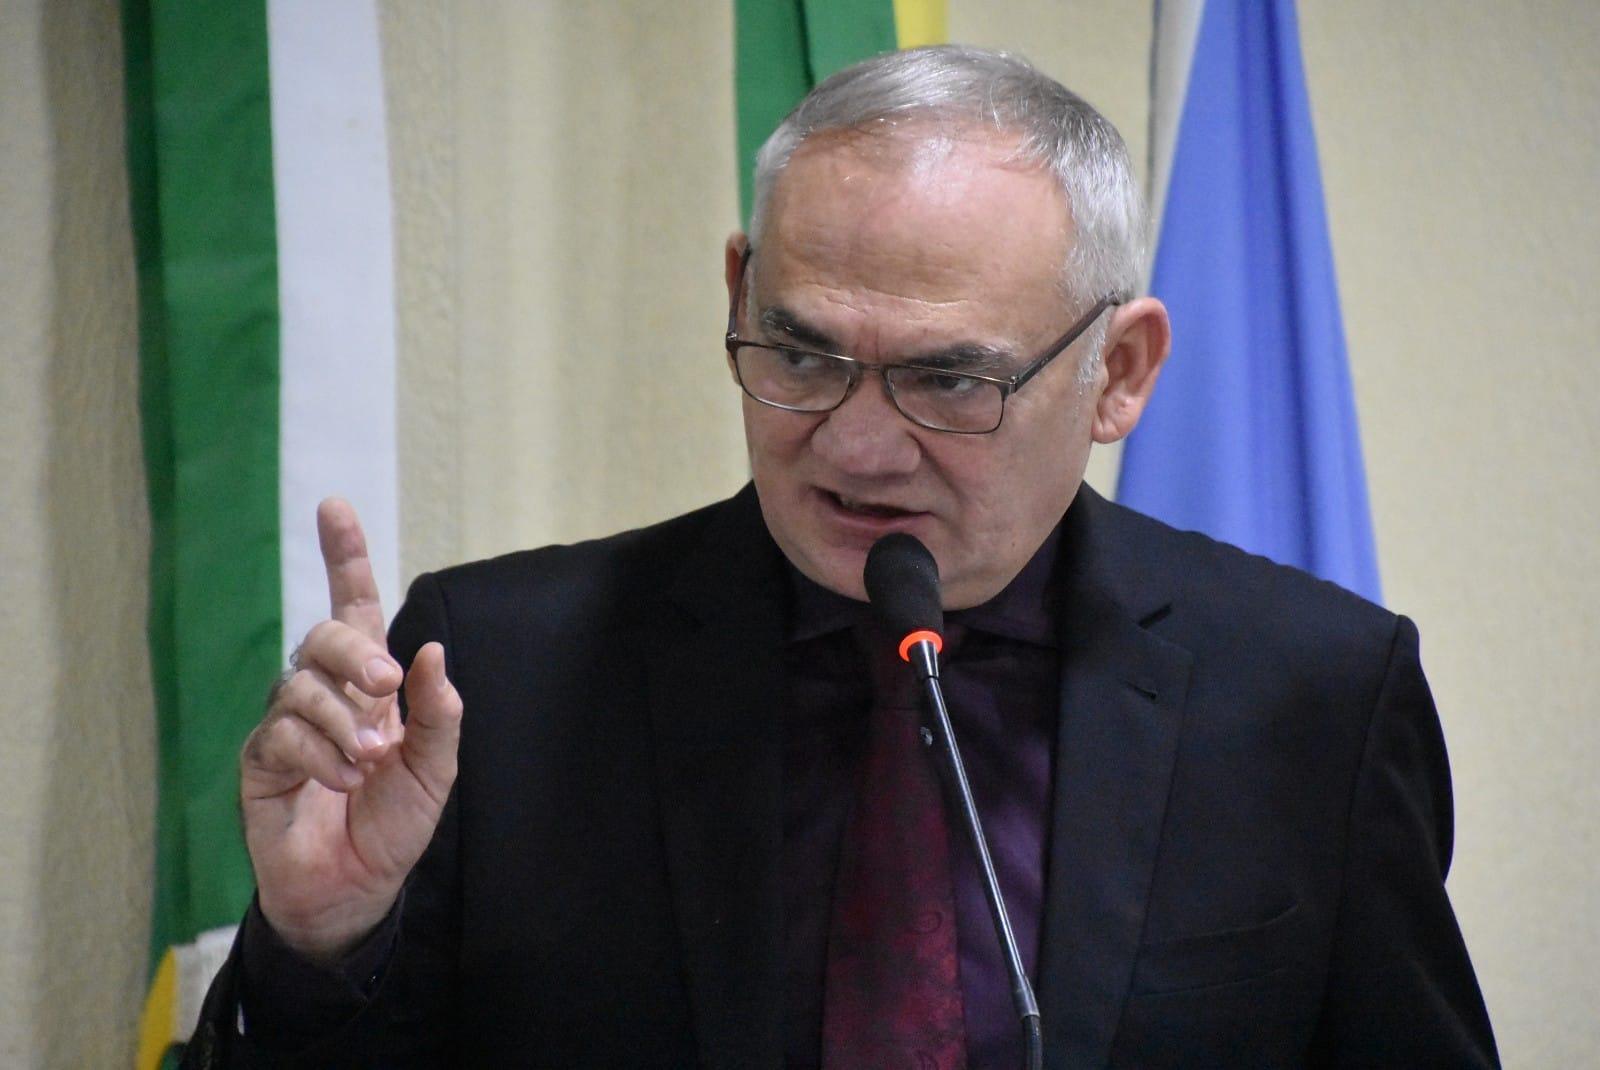 Em leitura anual, prefeito de São Gonçalo apresenta balanço dos 3 anos e anuncia novos investimentos para 2020